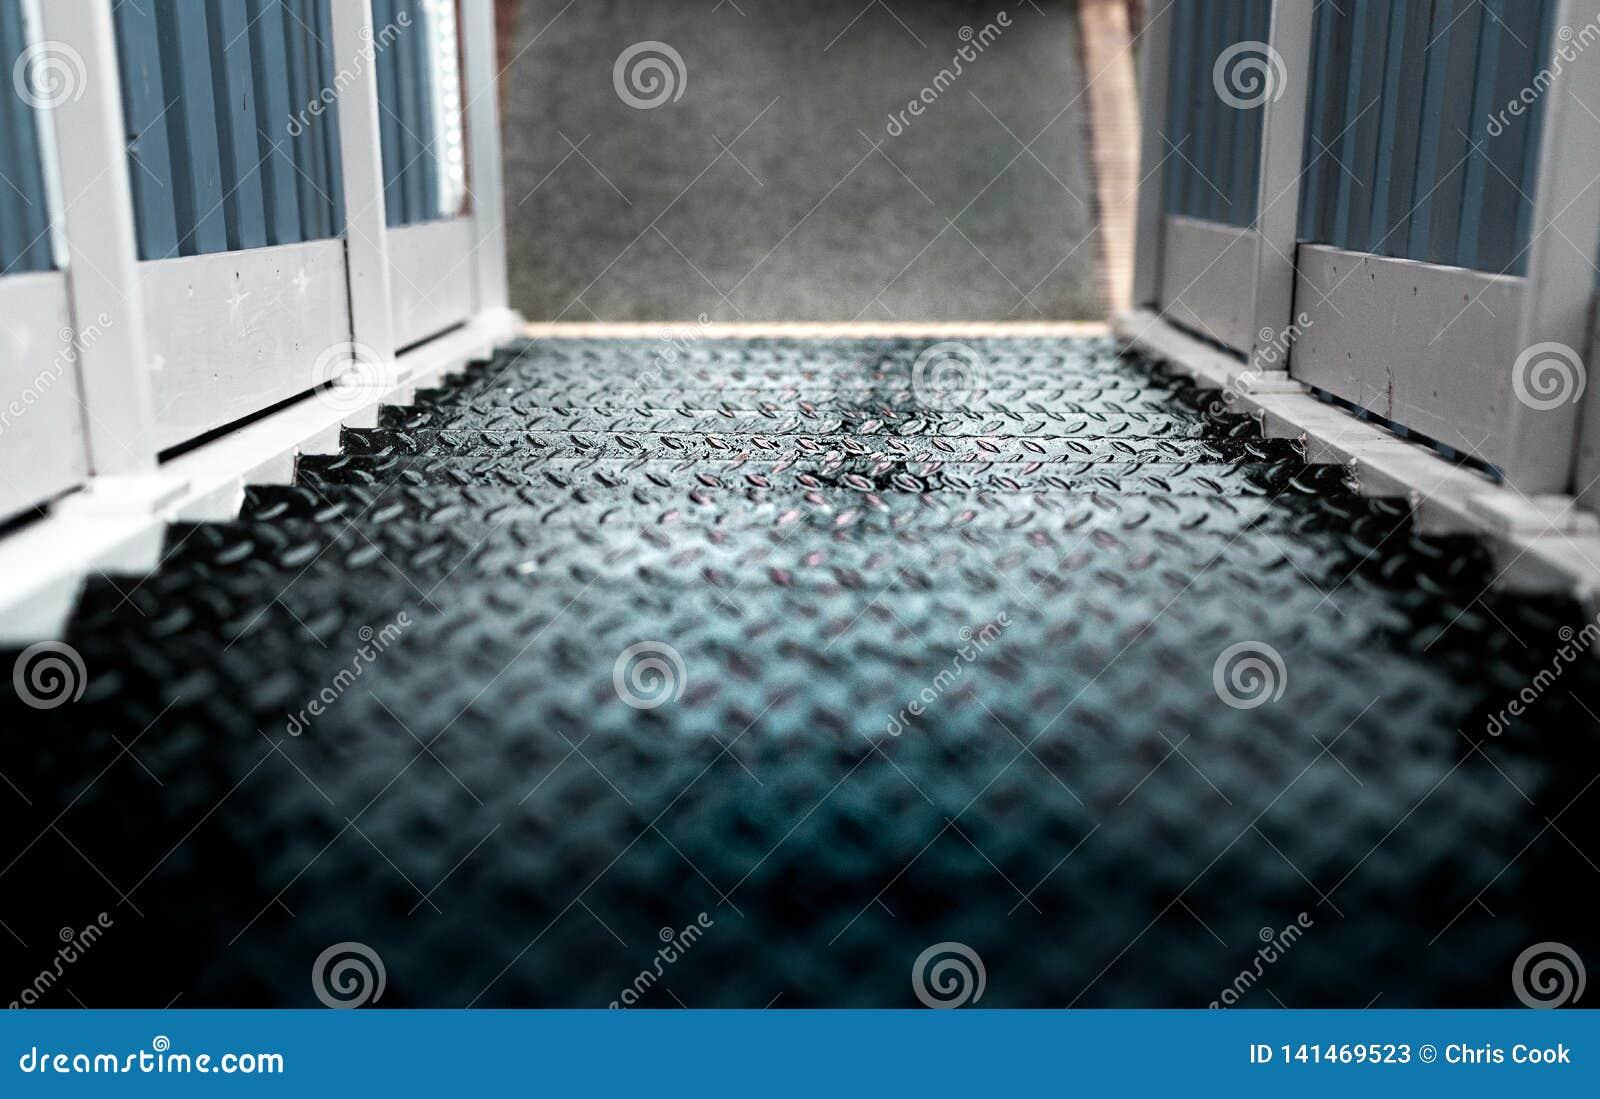 Некоторые опасные влажные шаги металла с белыми деревянными перилами